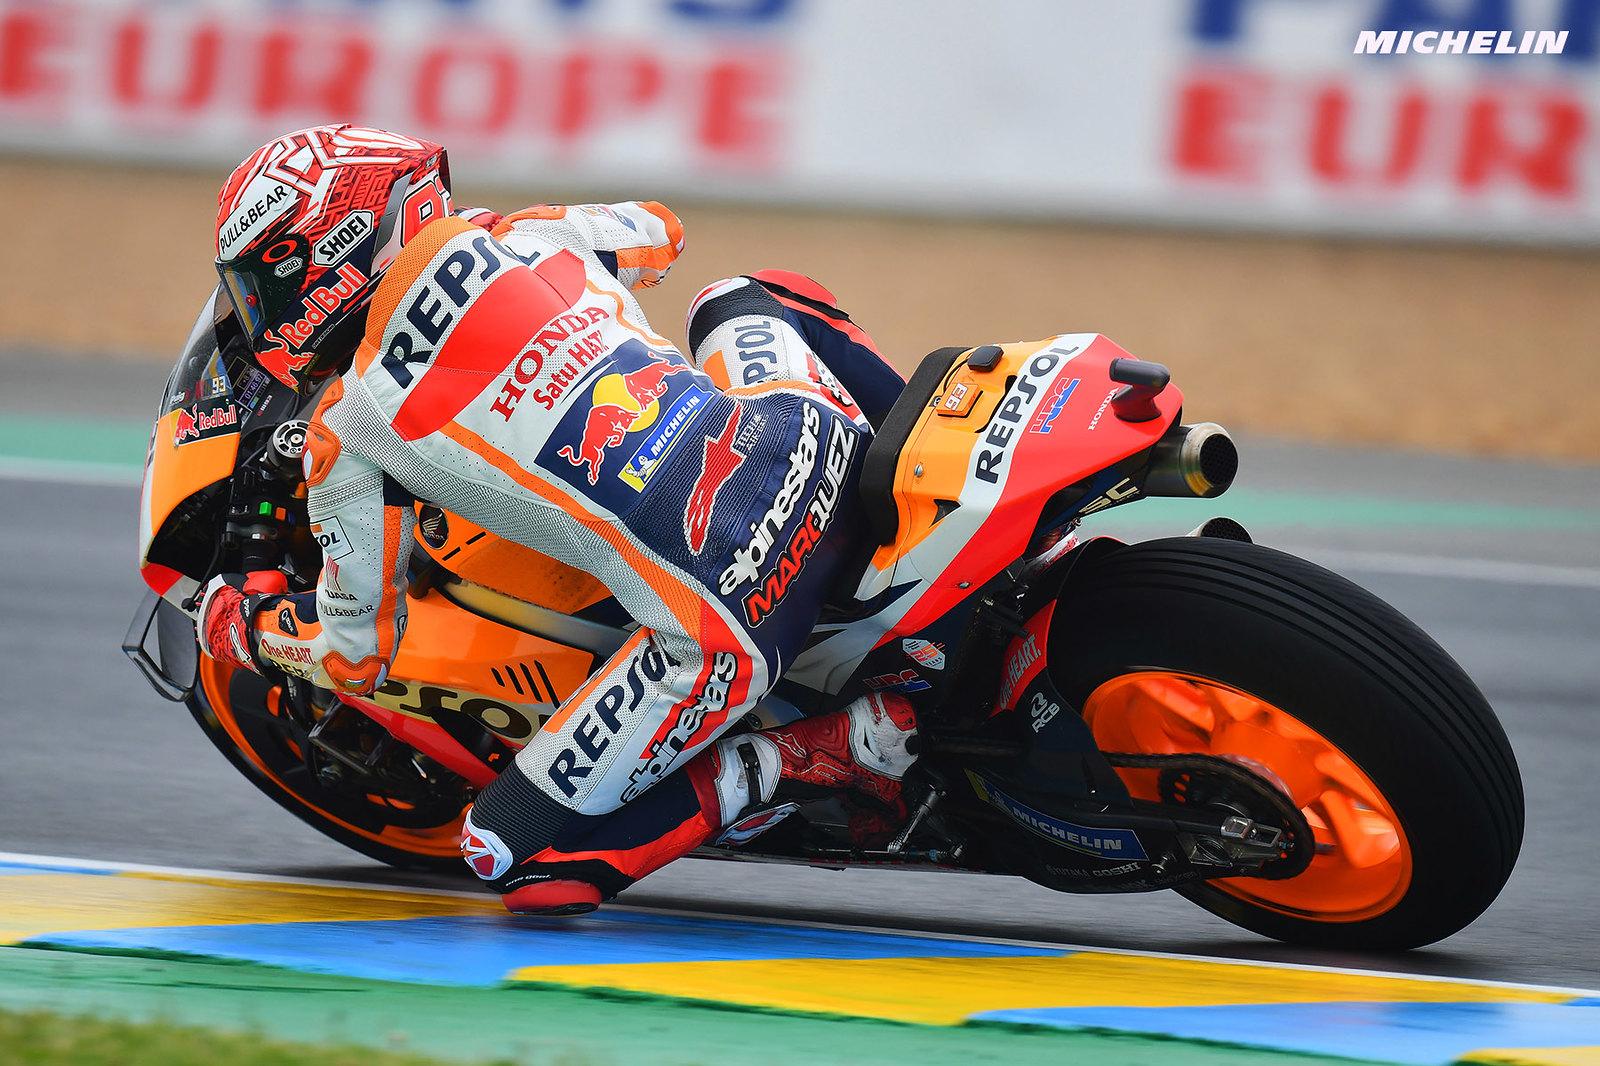 MotoGP2019フランスGP 予選1位マルケス「1周目は良い走行が出来ると思っていた」